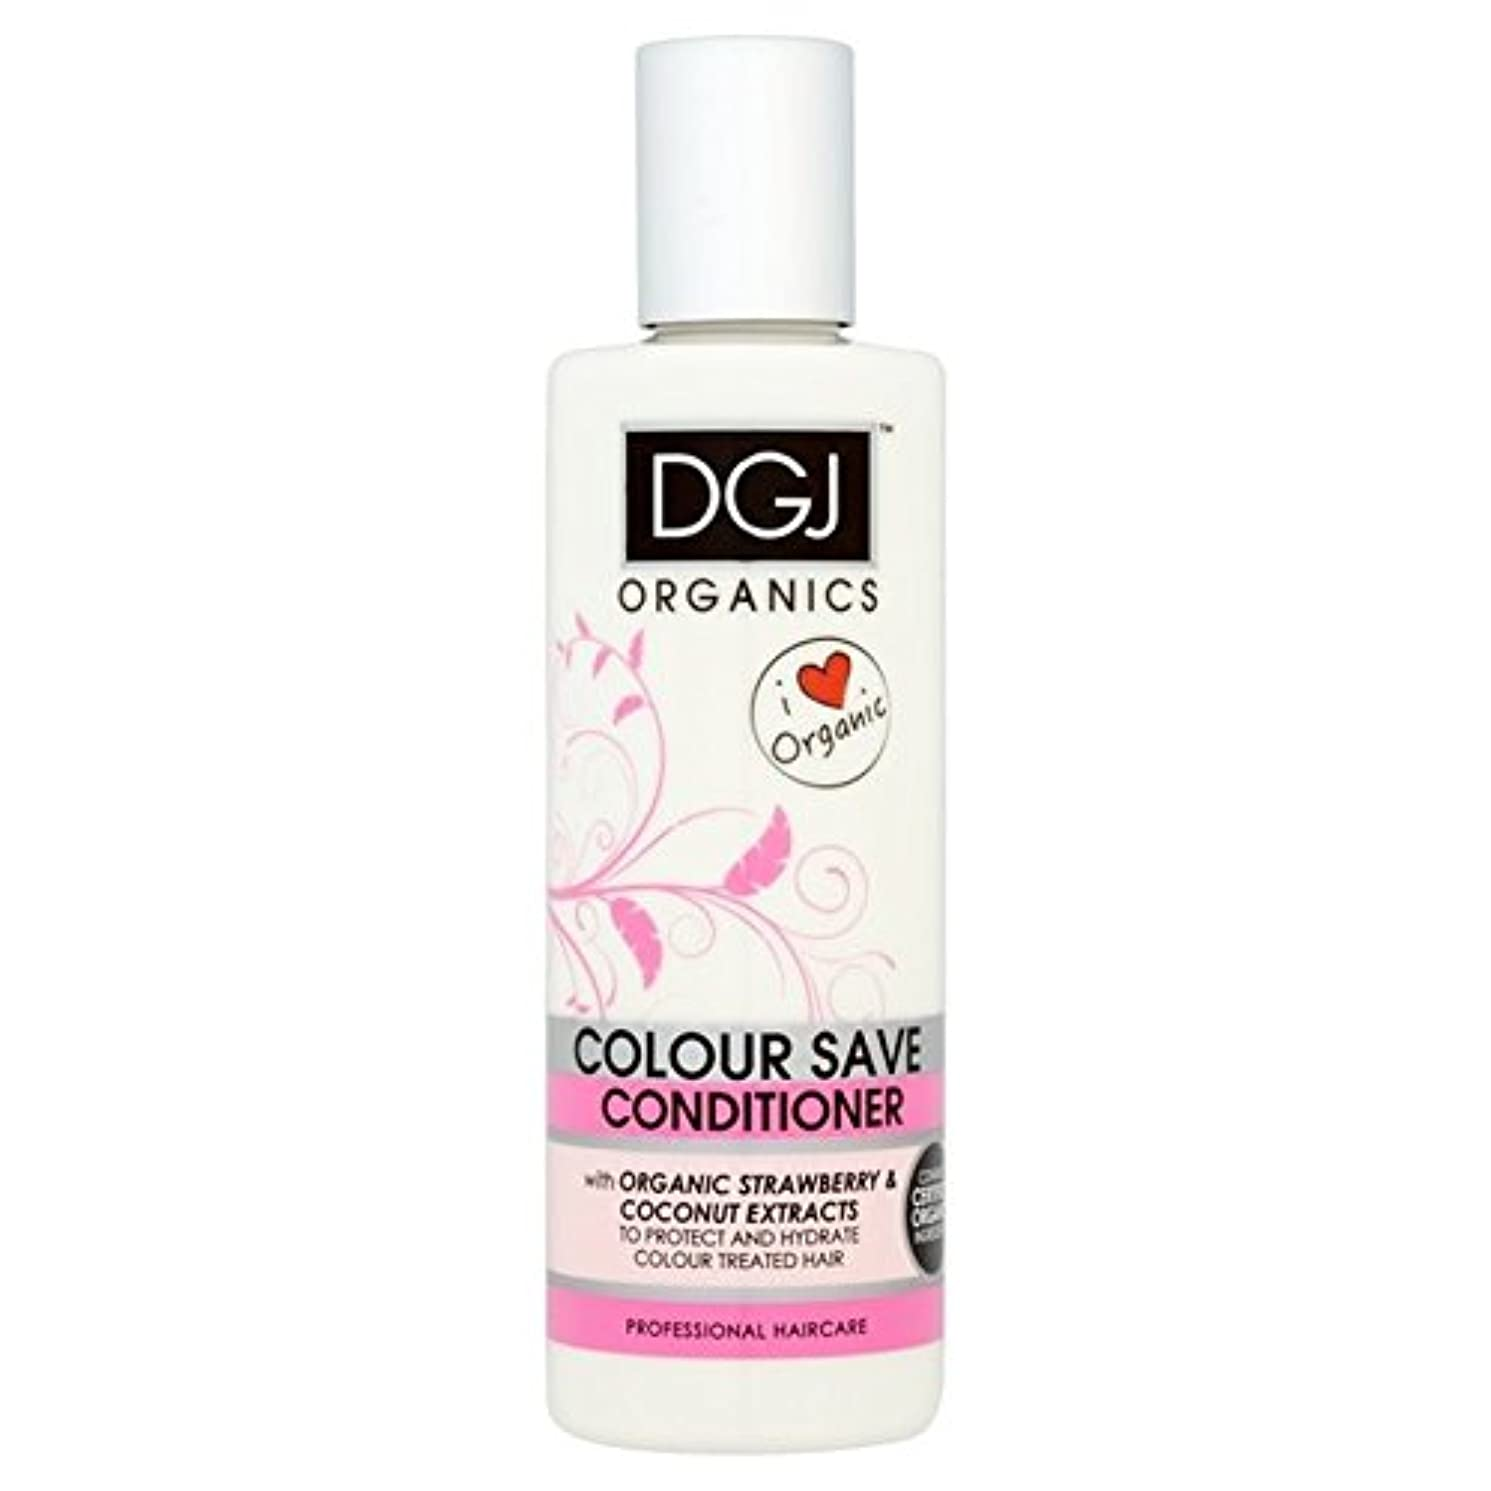 演劇ペインレールDGJ Organics Colour Save Conditioner 250ml (Pack of 6) - 有機物の色コンディショナー250を保存 x6 [並行輸入品]